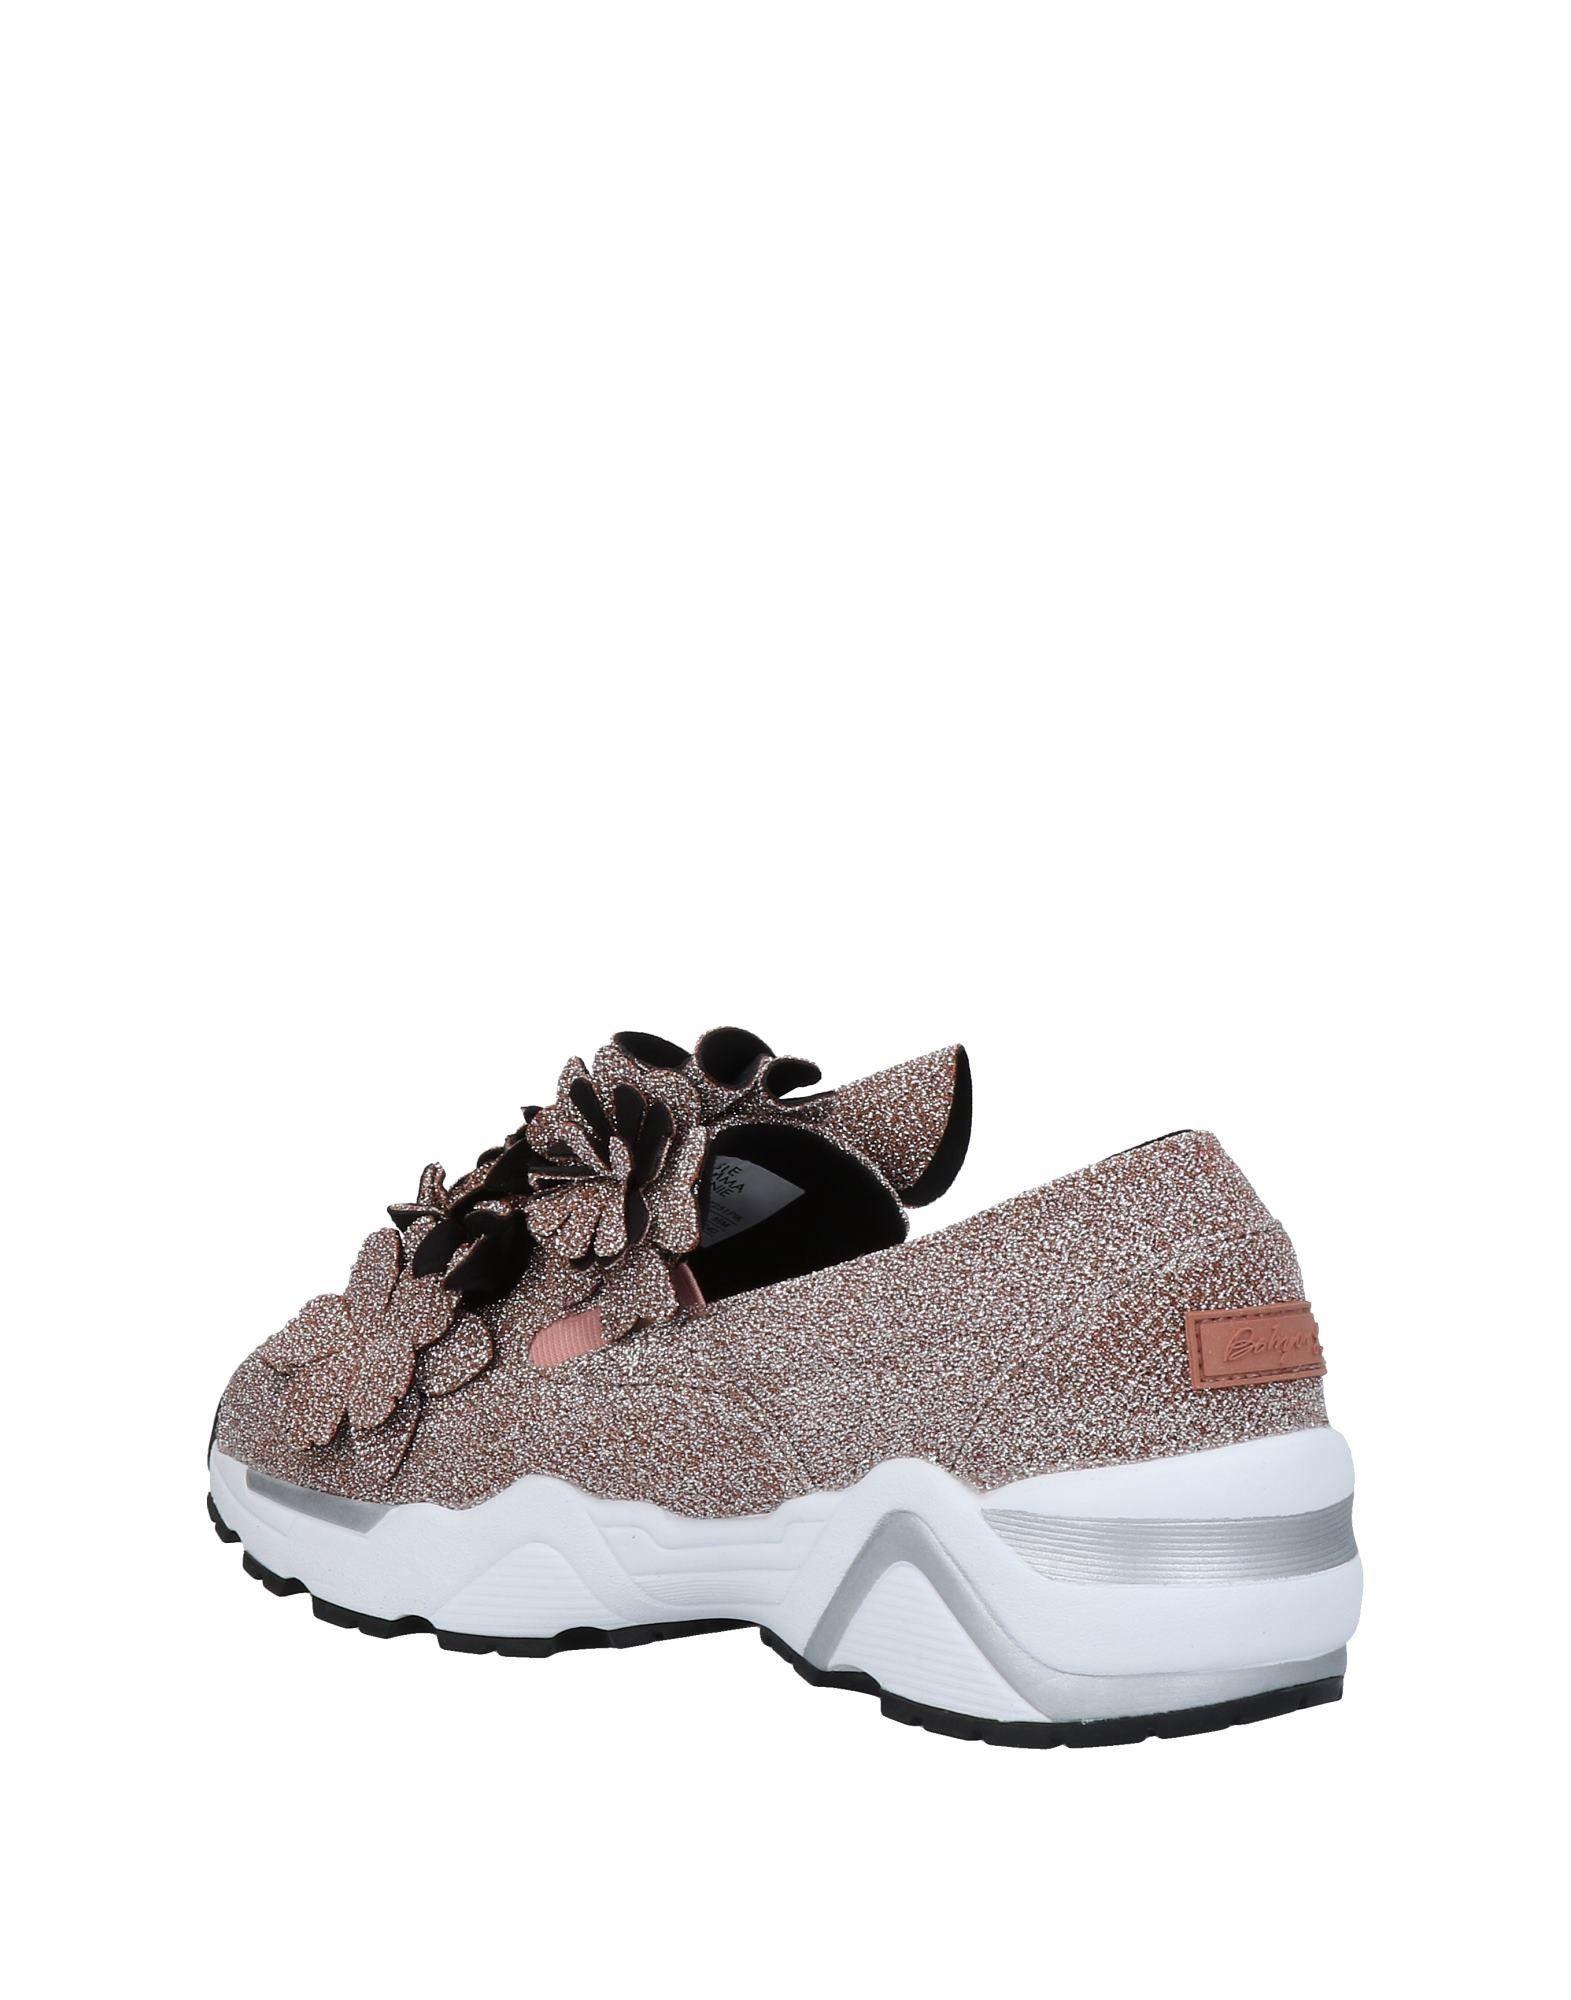 Suecomma Suecomma Suecomma Bonnie Sneakers Damen Gutes Preis-Leistungs-Verhältnis, es lohnt sich c41905